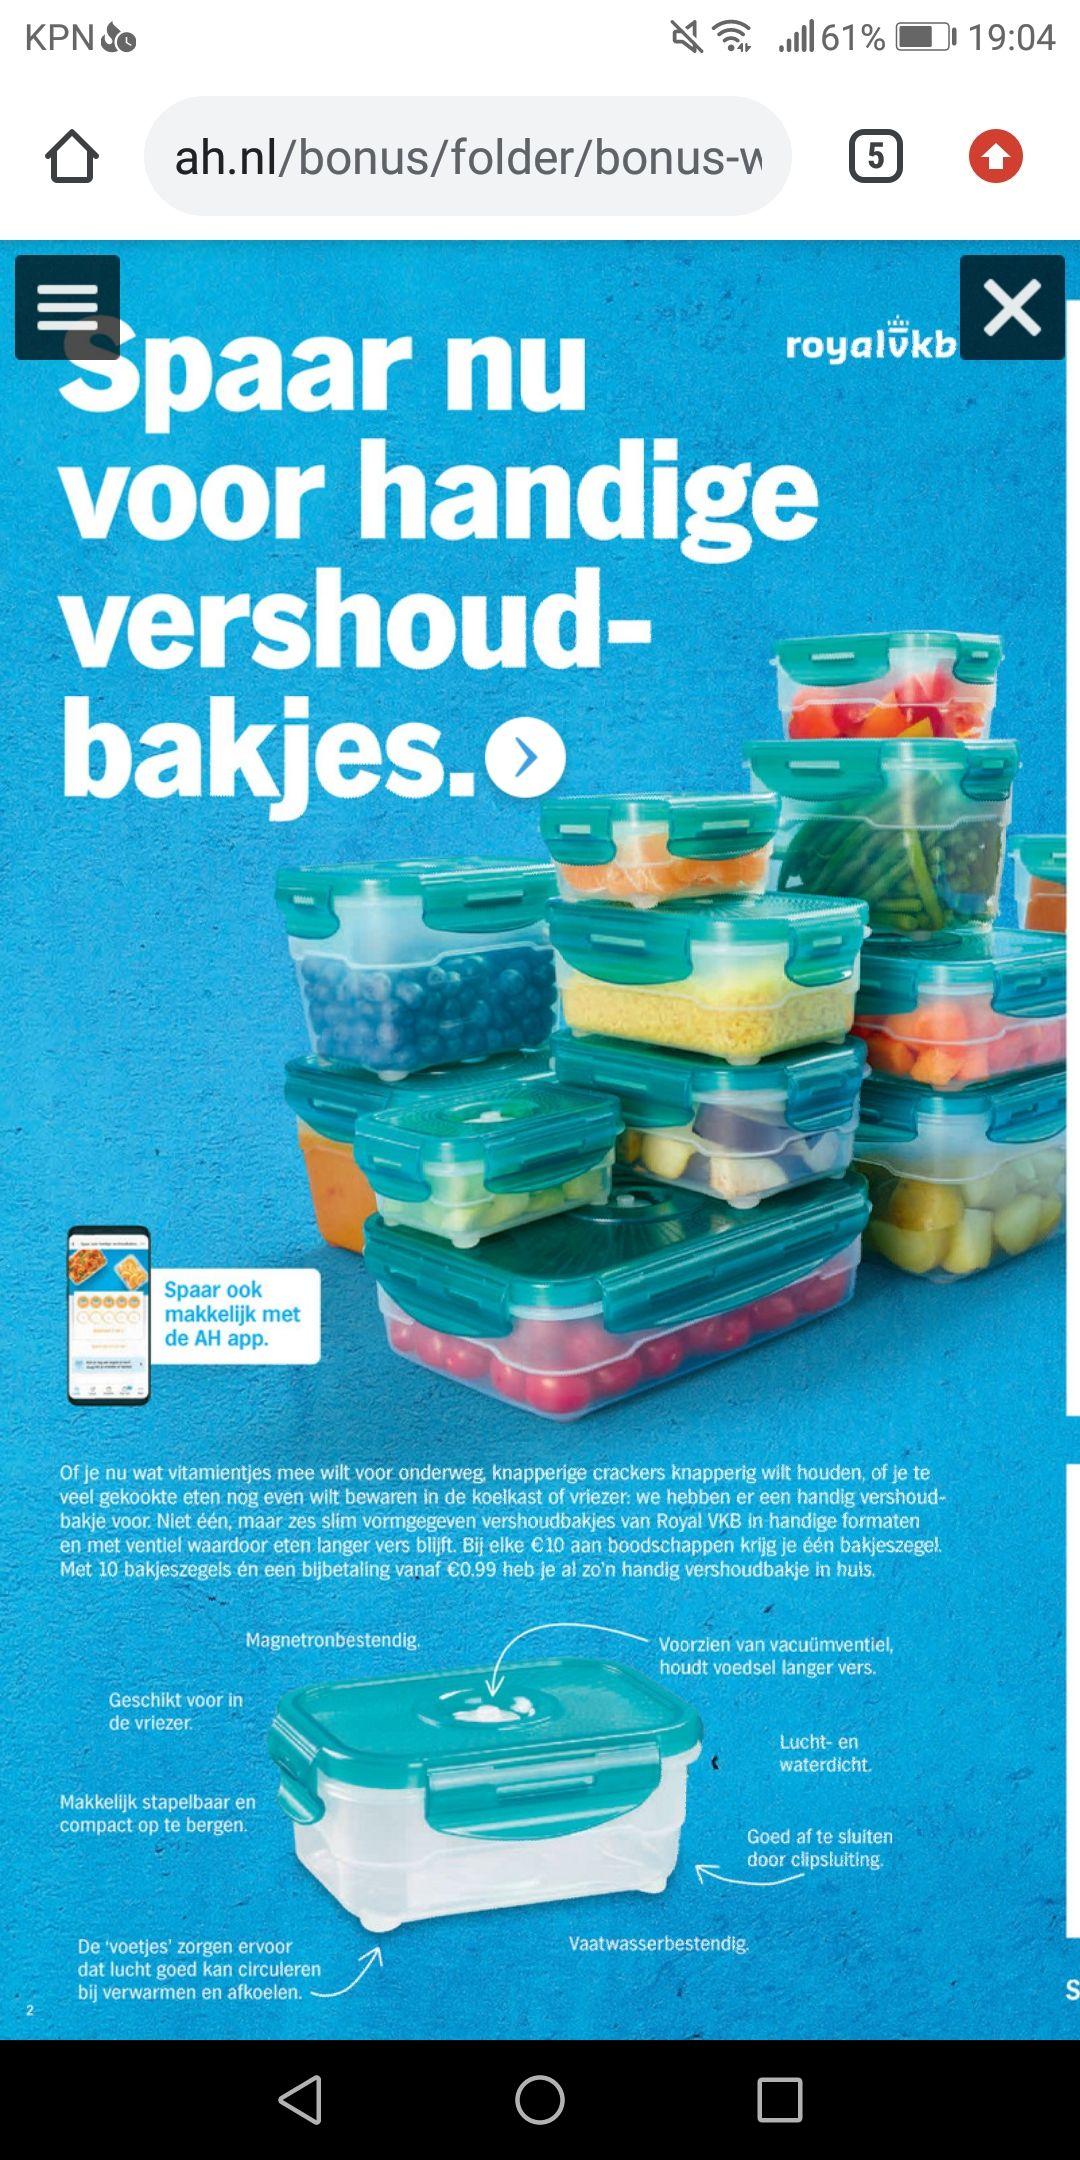 TIJDELIJK STOPGEZET: AH Verszegels sparen voor oa. bakjes met korting bij Albert Heijn